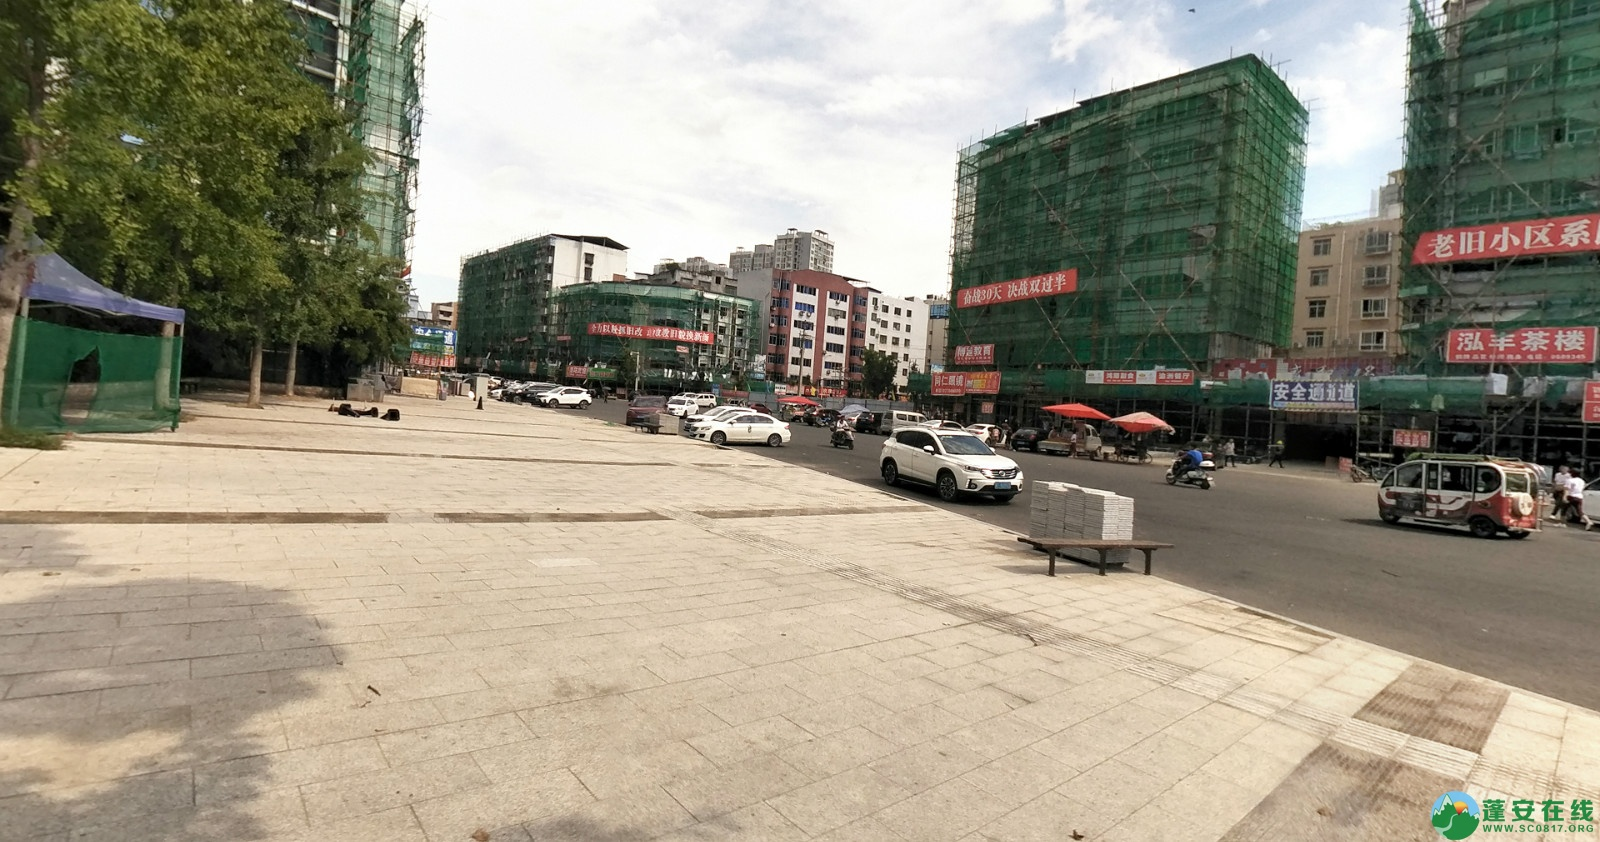 蓬安建设路改造进展(2020-08-05) - 第1张  | 蓬安在线